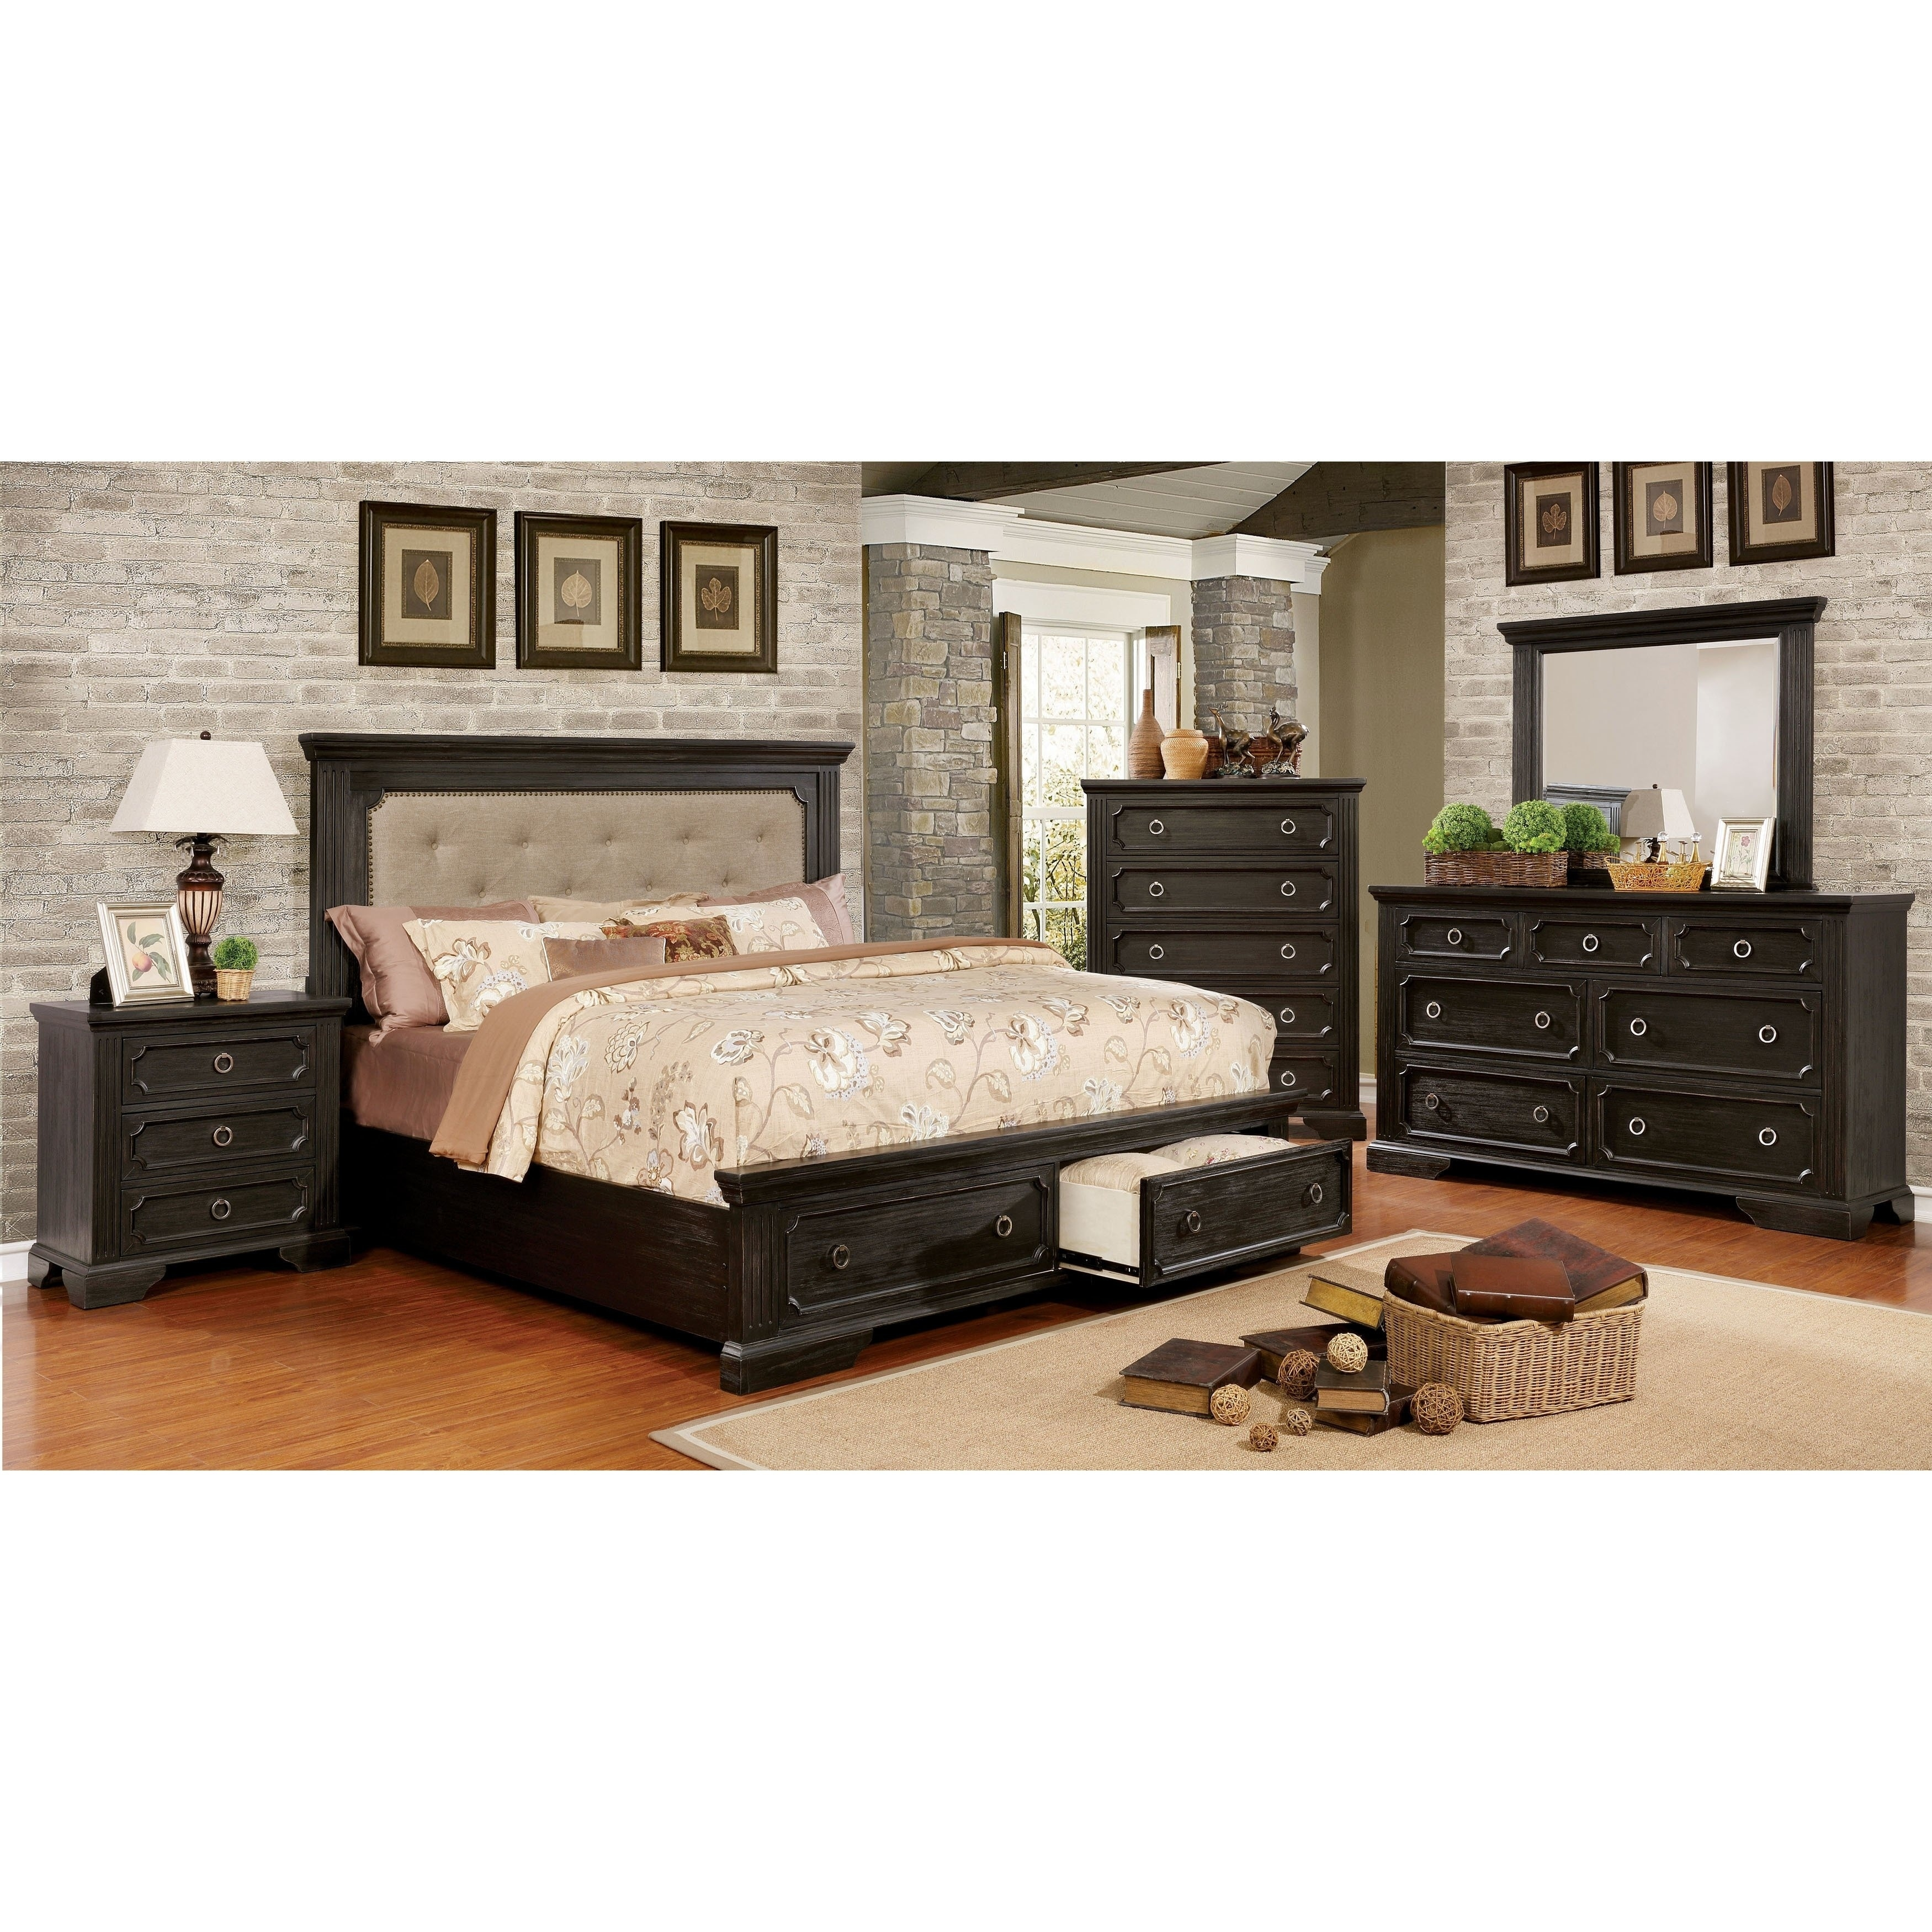 Shop Hollen Transitional Wire-Brushed Black 4-piece Platform Bedroom ...